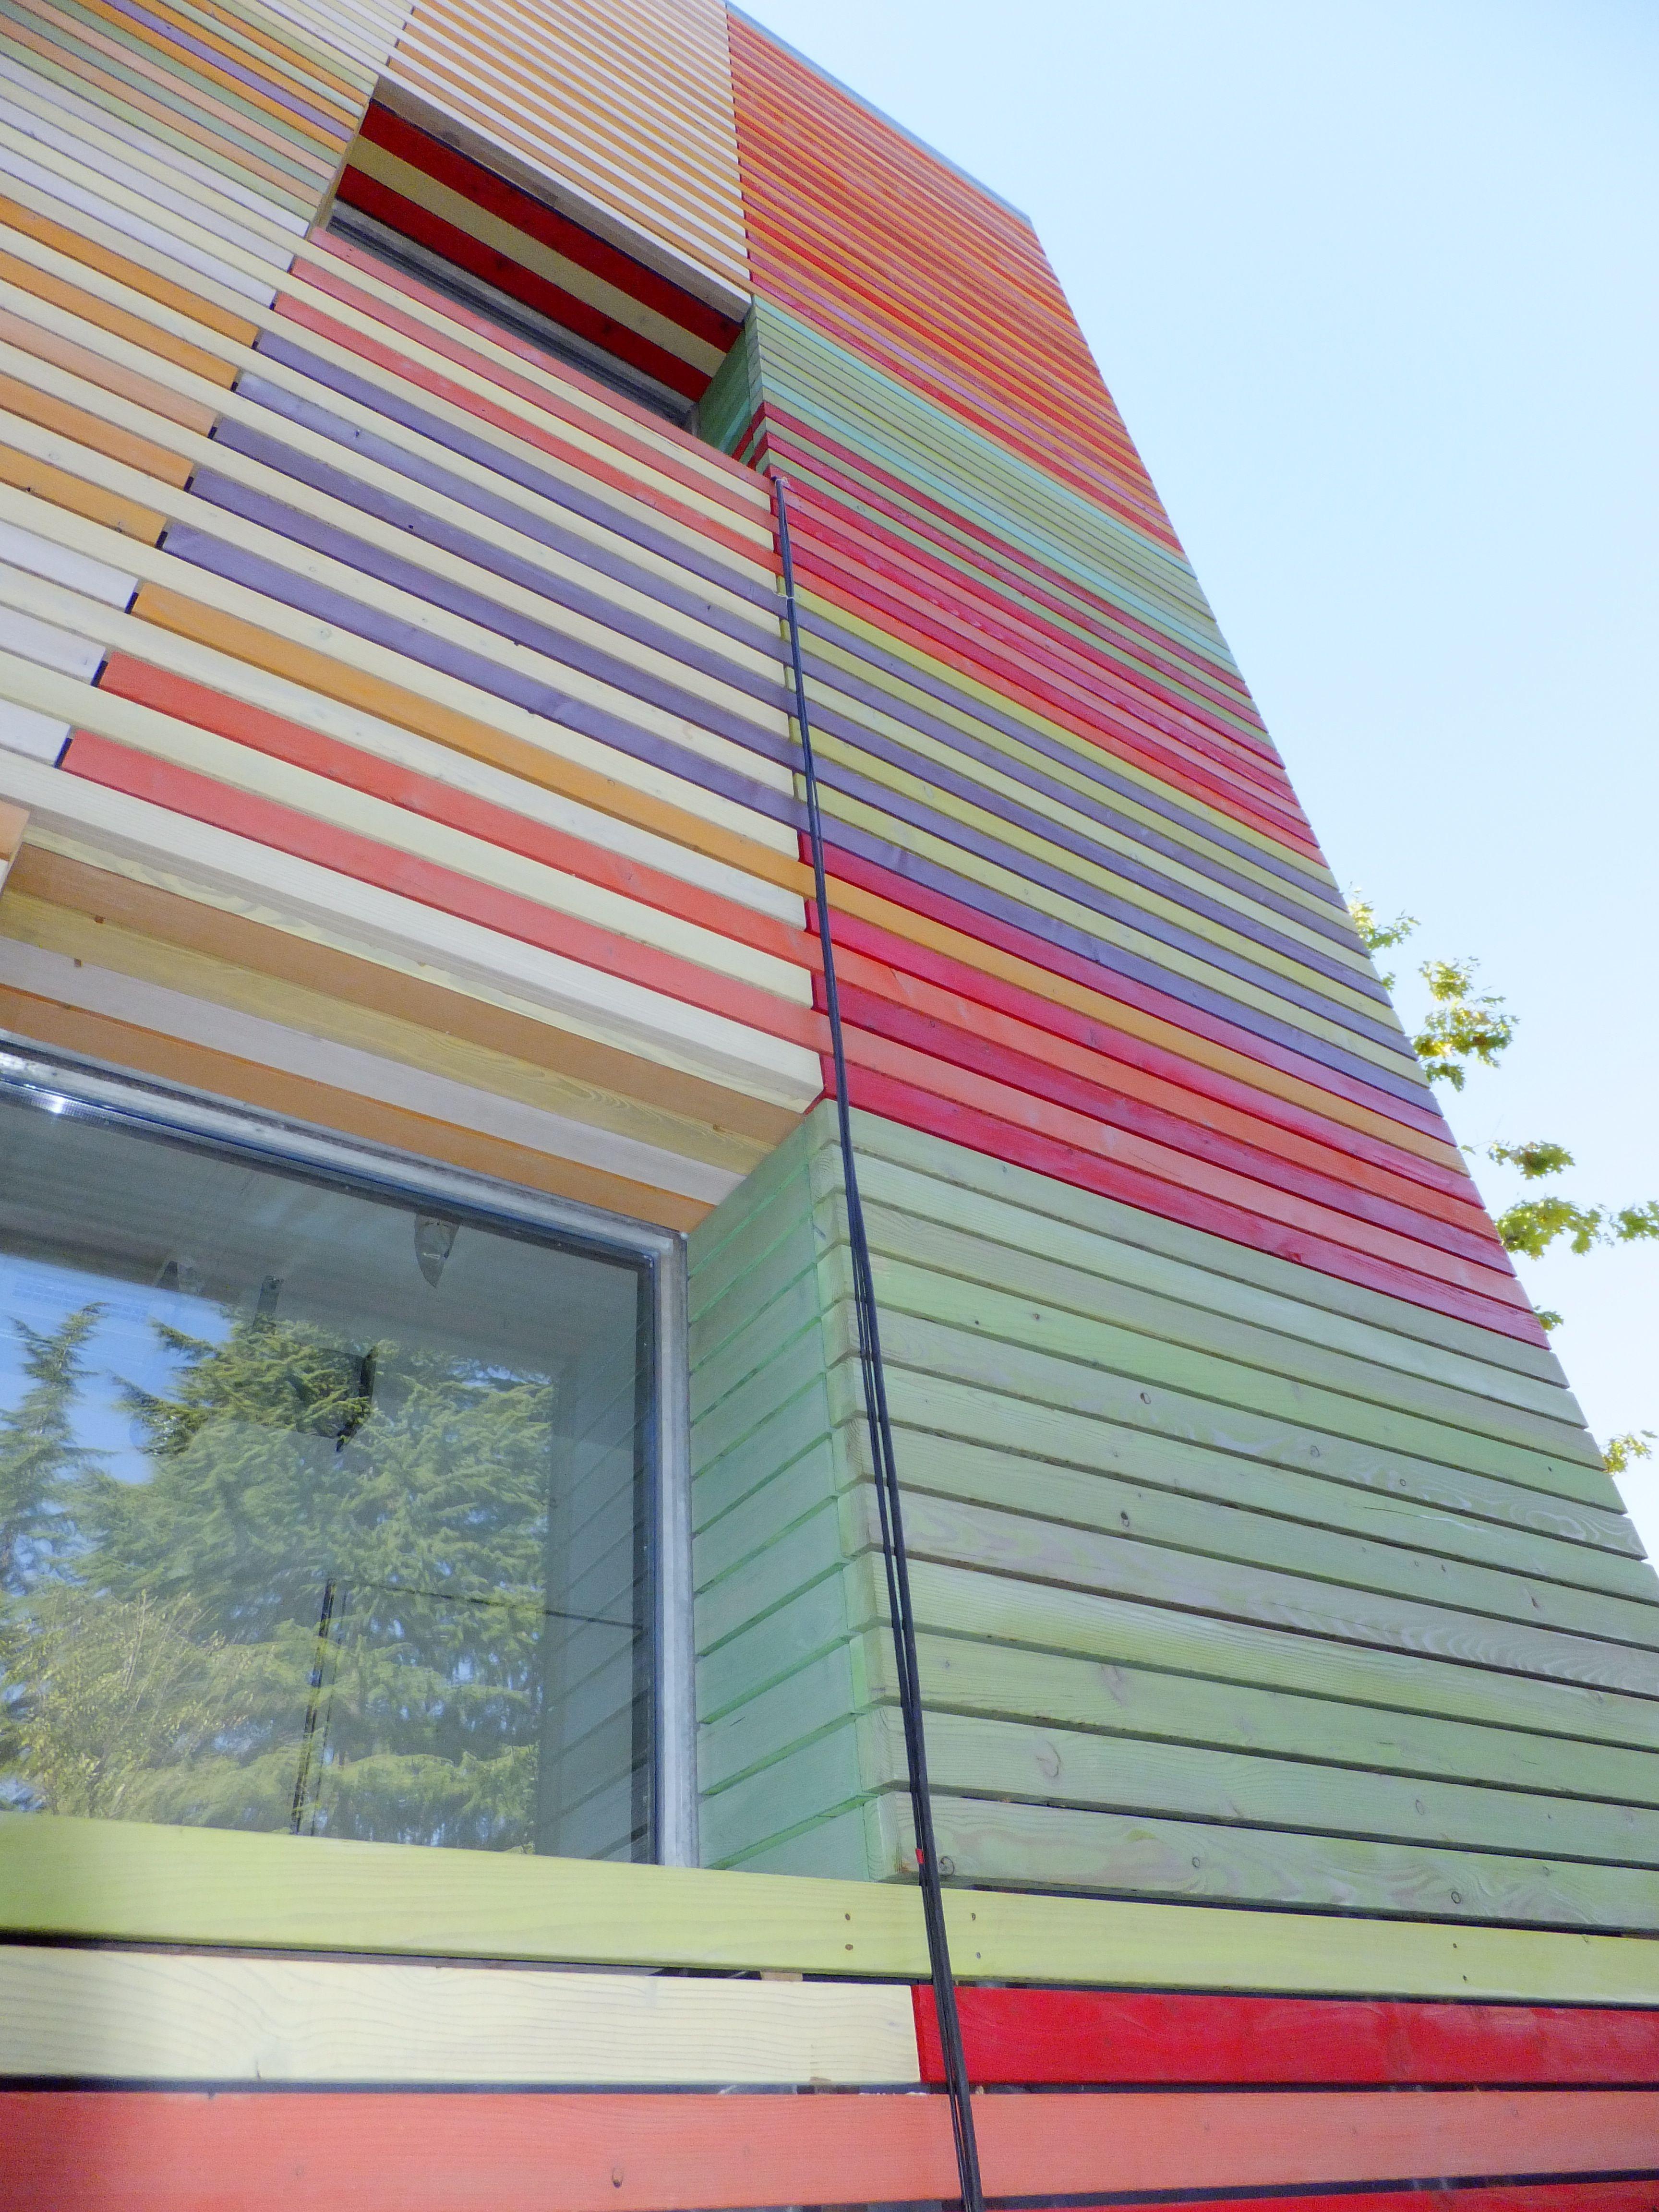 Renzo Piano Auditorium Del Parco L Aquila Italy Walls In Wood